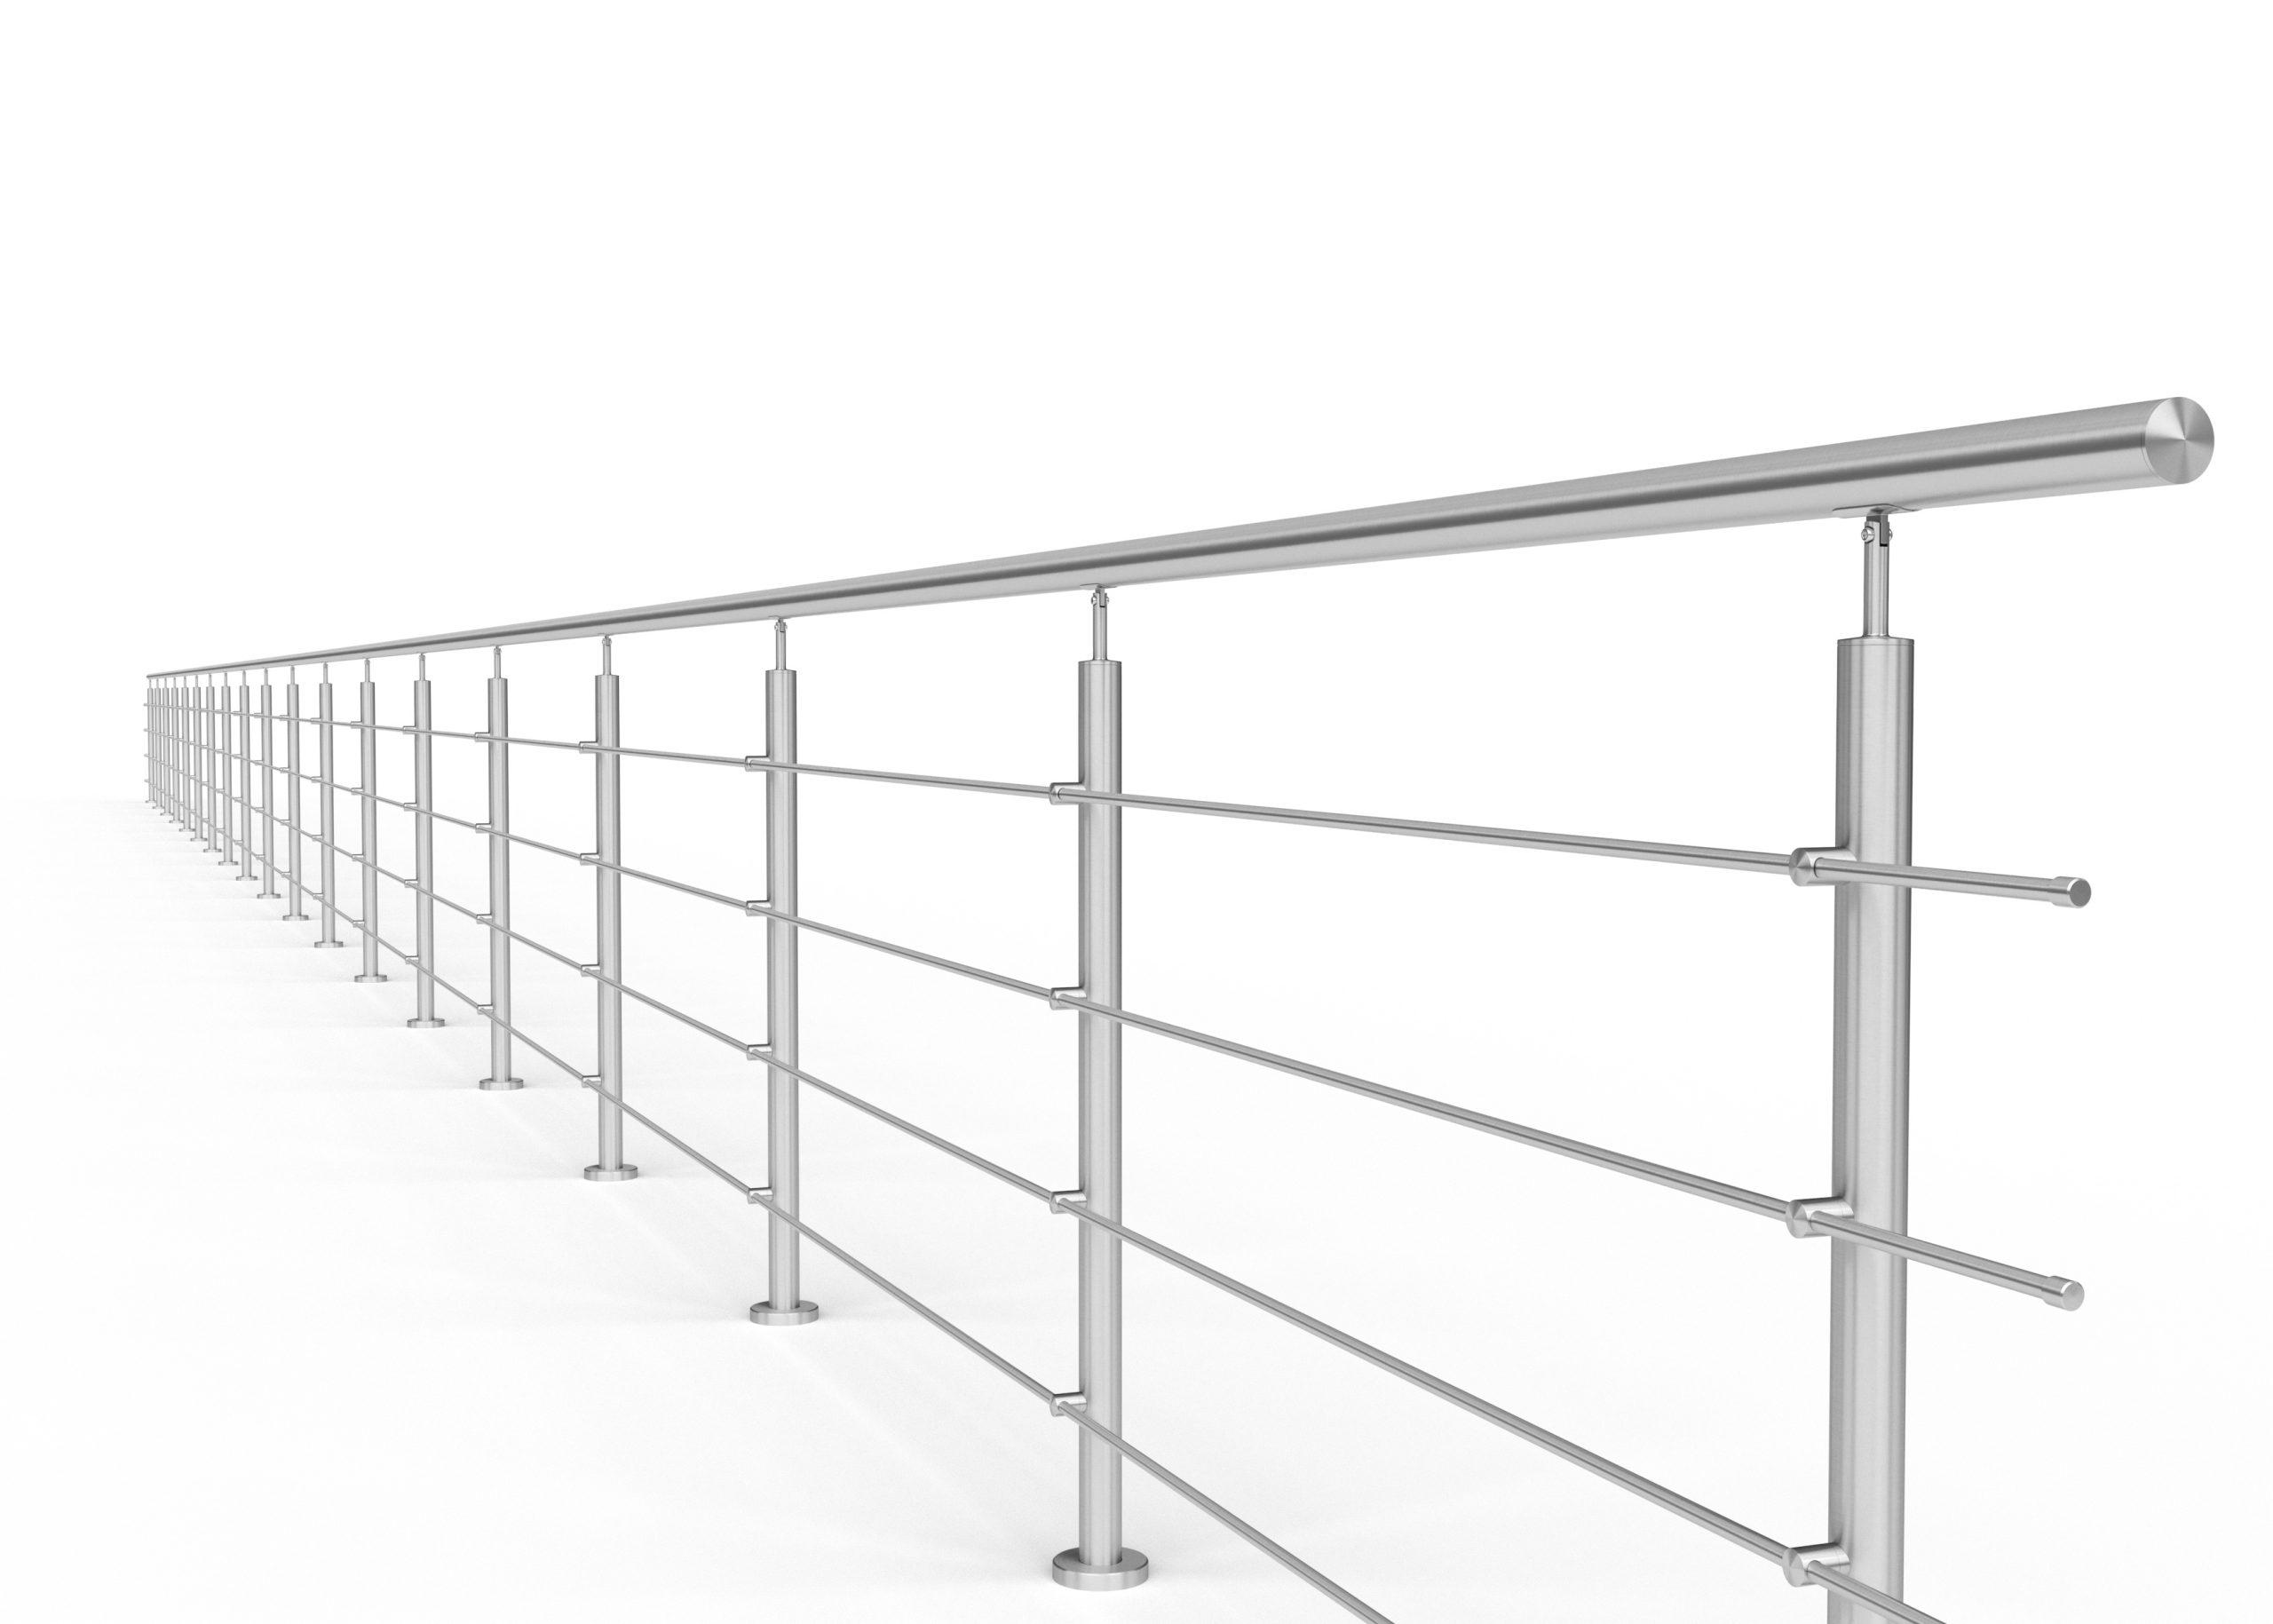 Balustrady aluminiowe - najważniejsze informacje